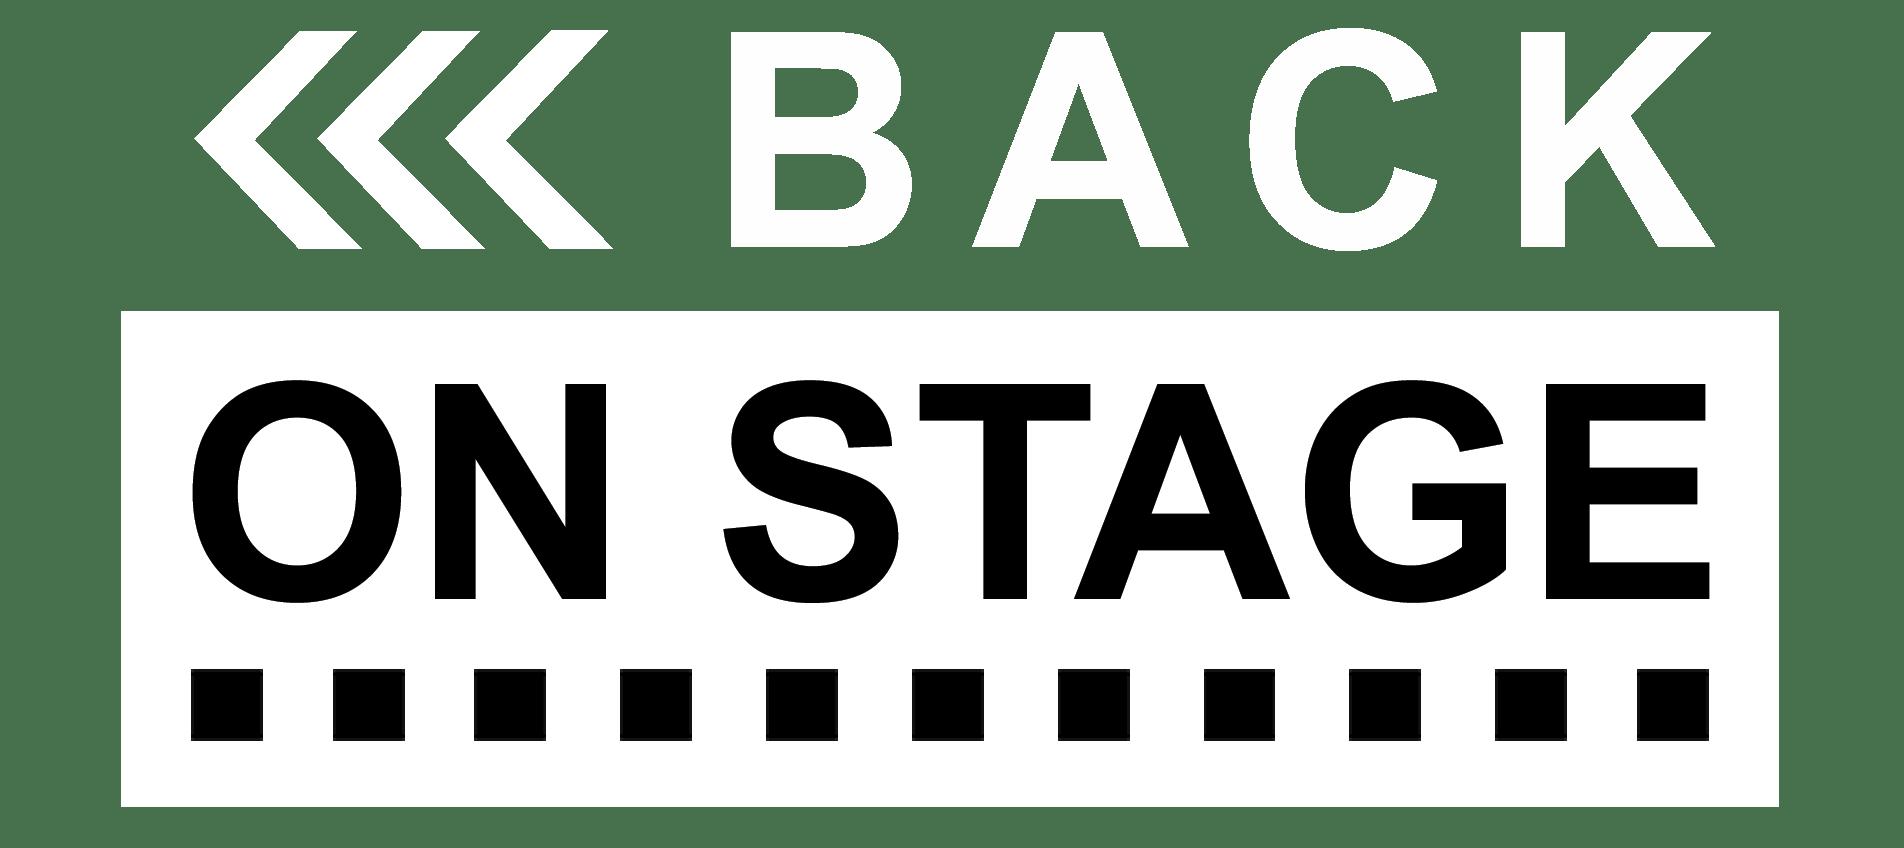 BACK ON STAGE